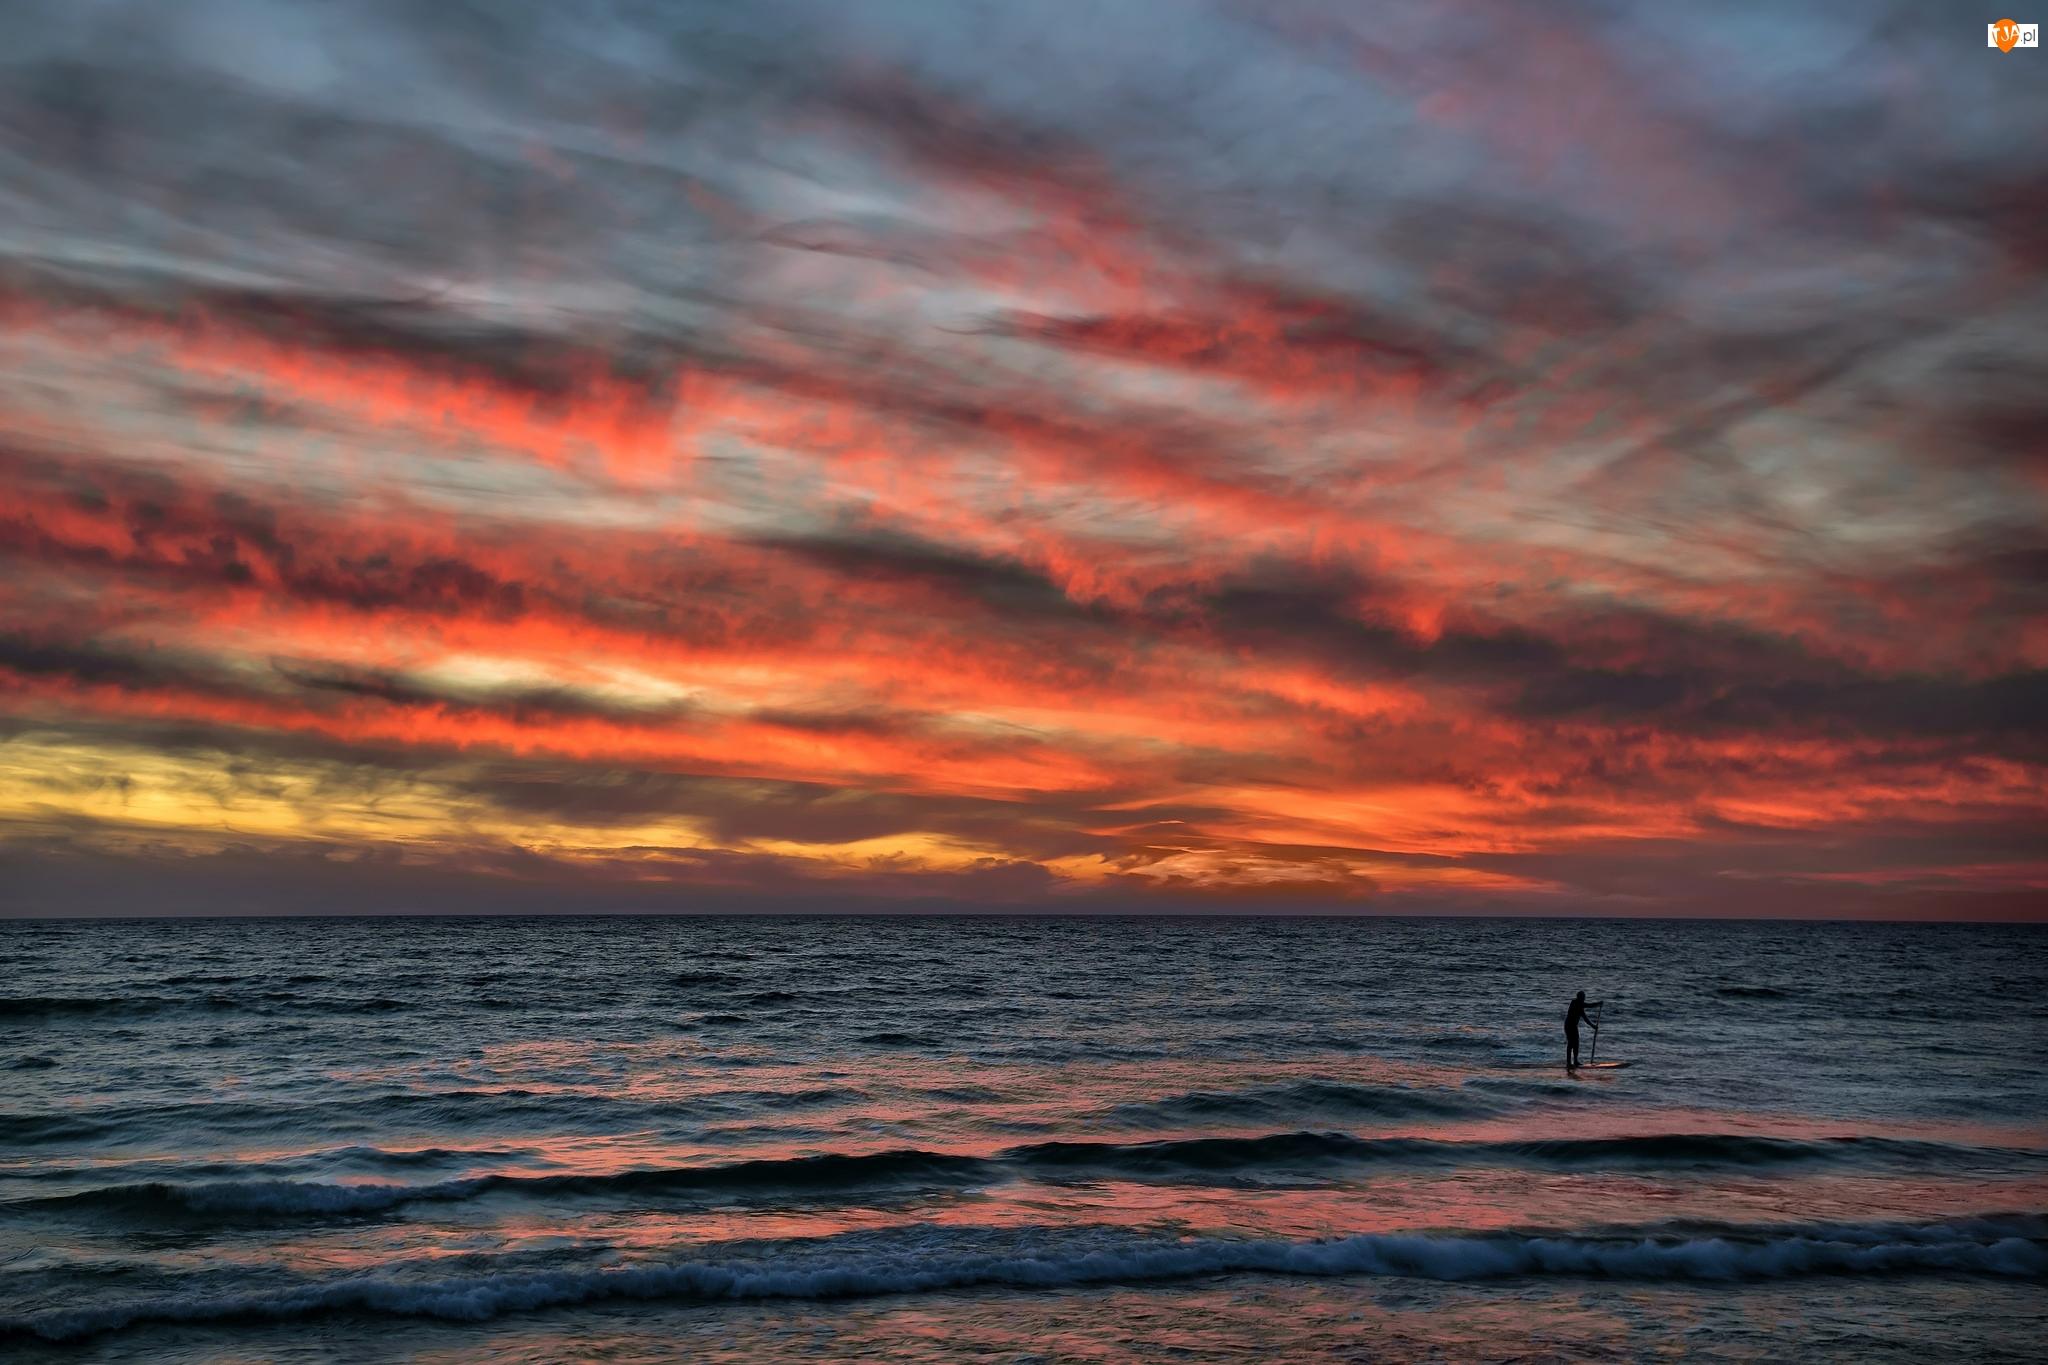 Kolorowe, Człowiek, Zachód słońca, Morze, Chmury